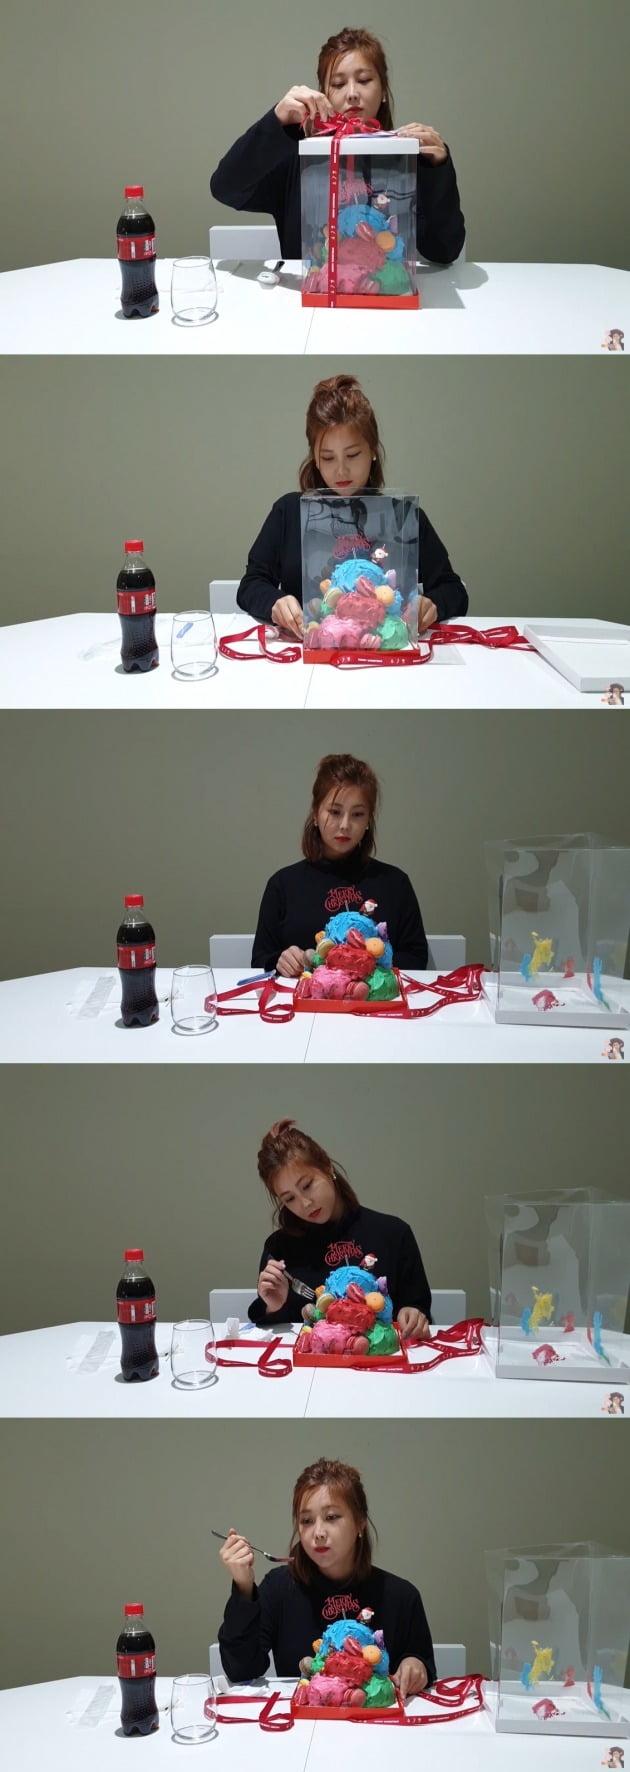 솔비가 자신이 직접 만든 케이크를 먹는 영상을 올렸다. / 사진=솔비 유튜브 채널 캡처